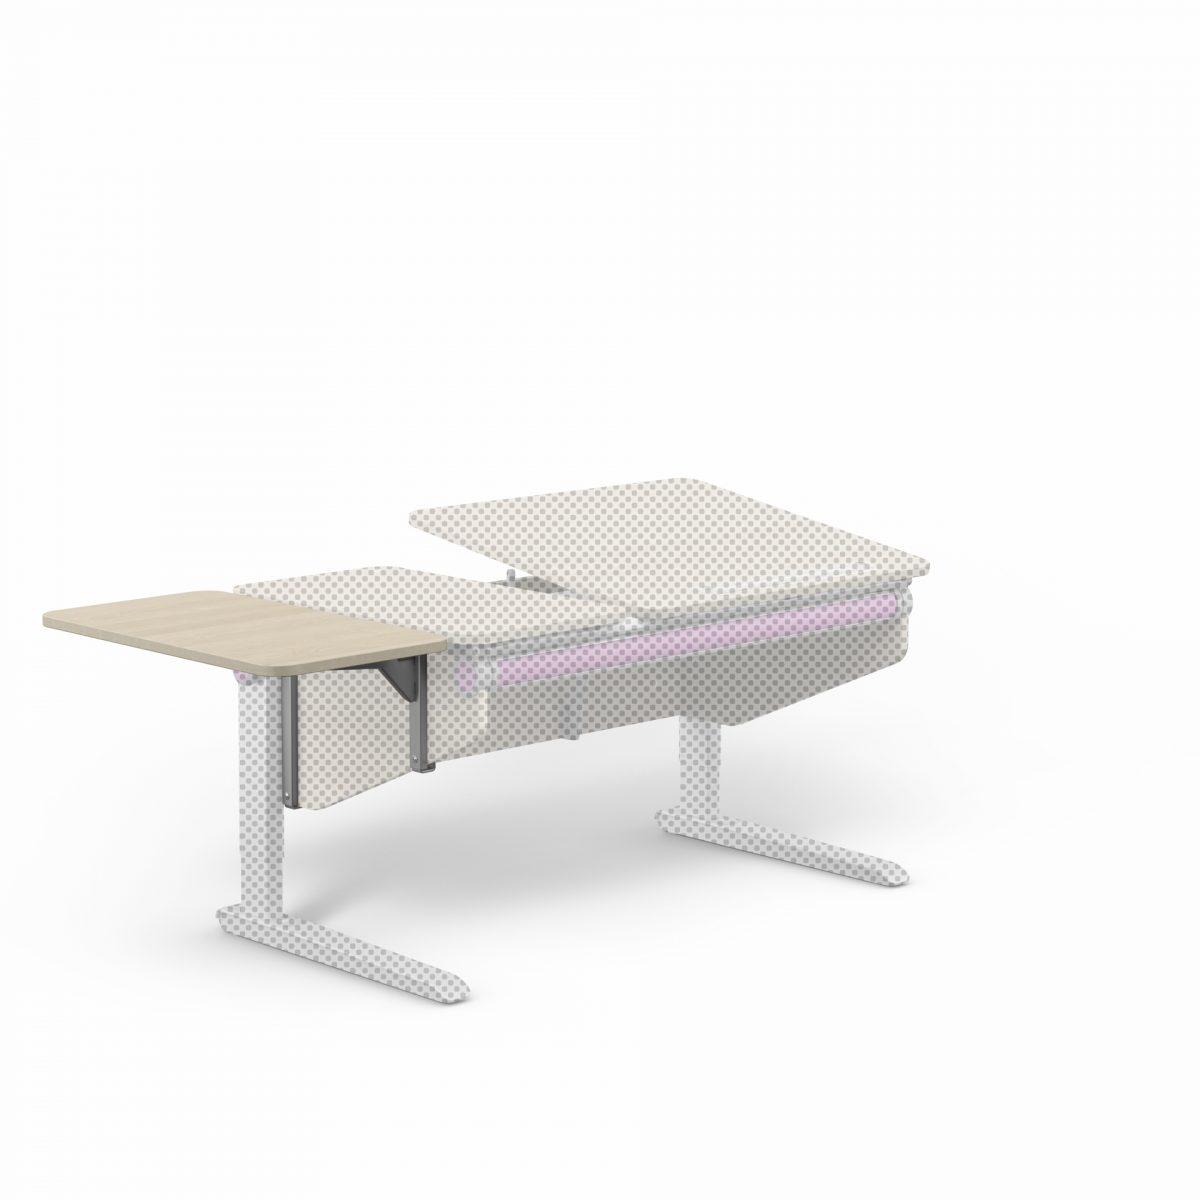 Side top pristavba k detskemu rostoucimu stolu Winner - Delso - dětský, kancelářský a bytový nábytek